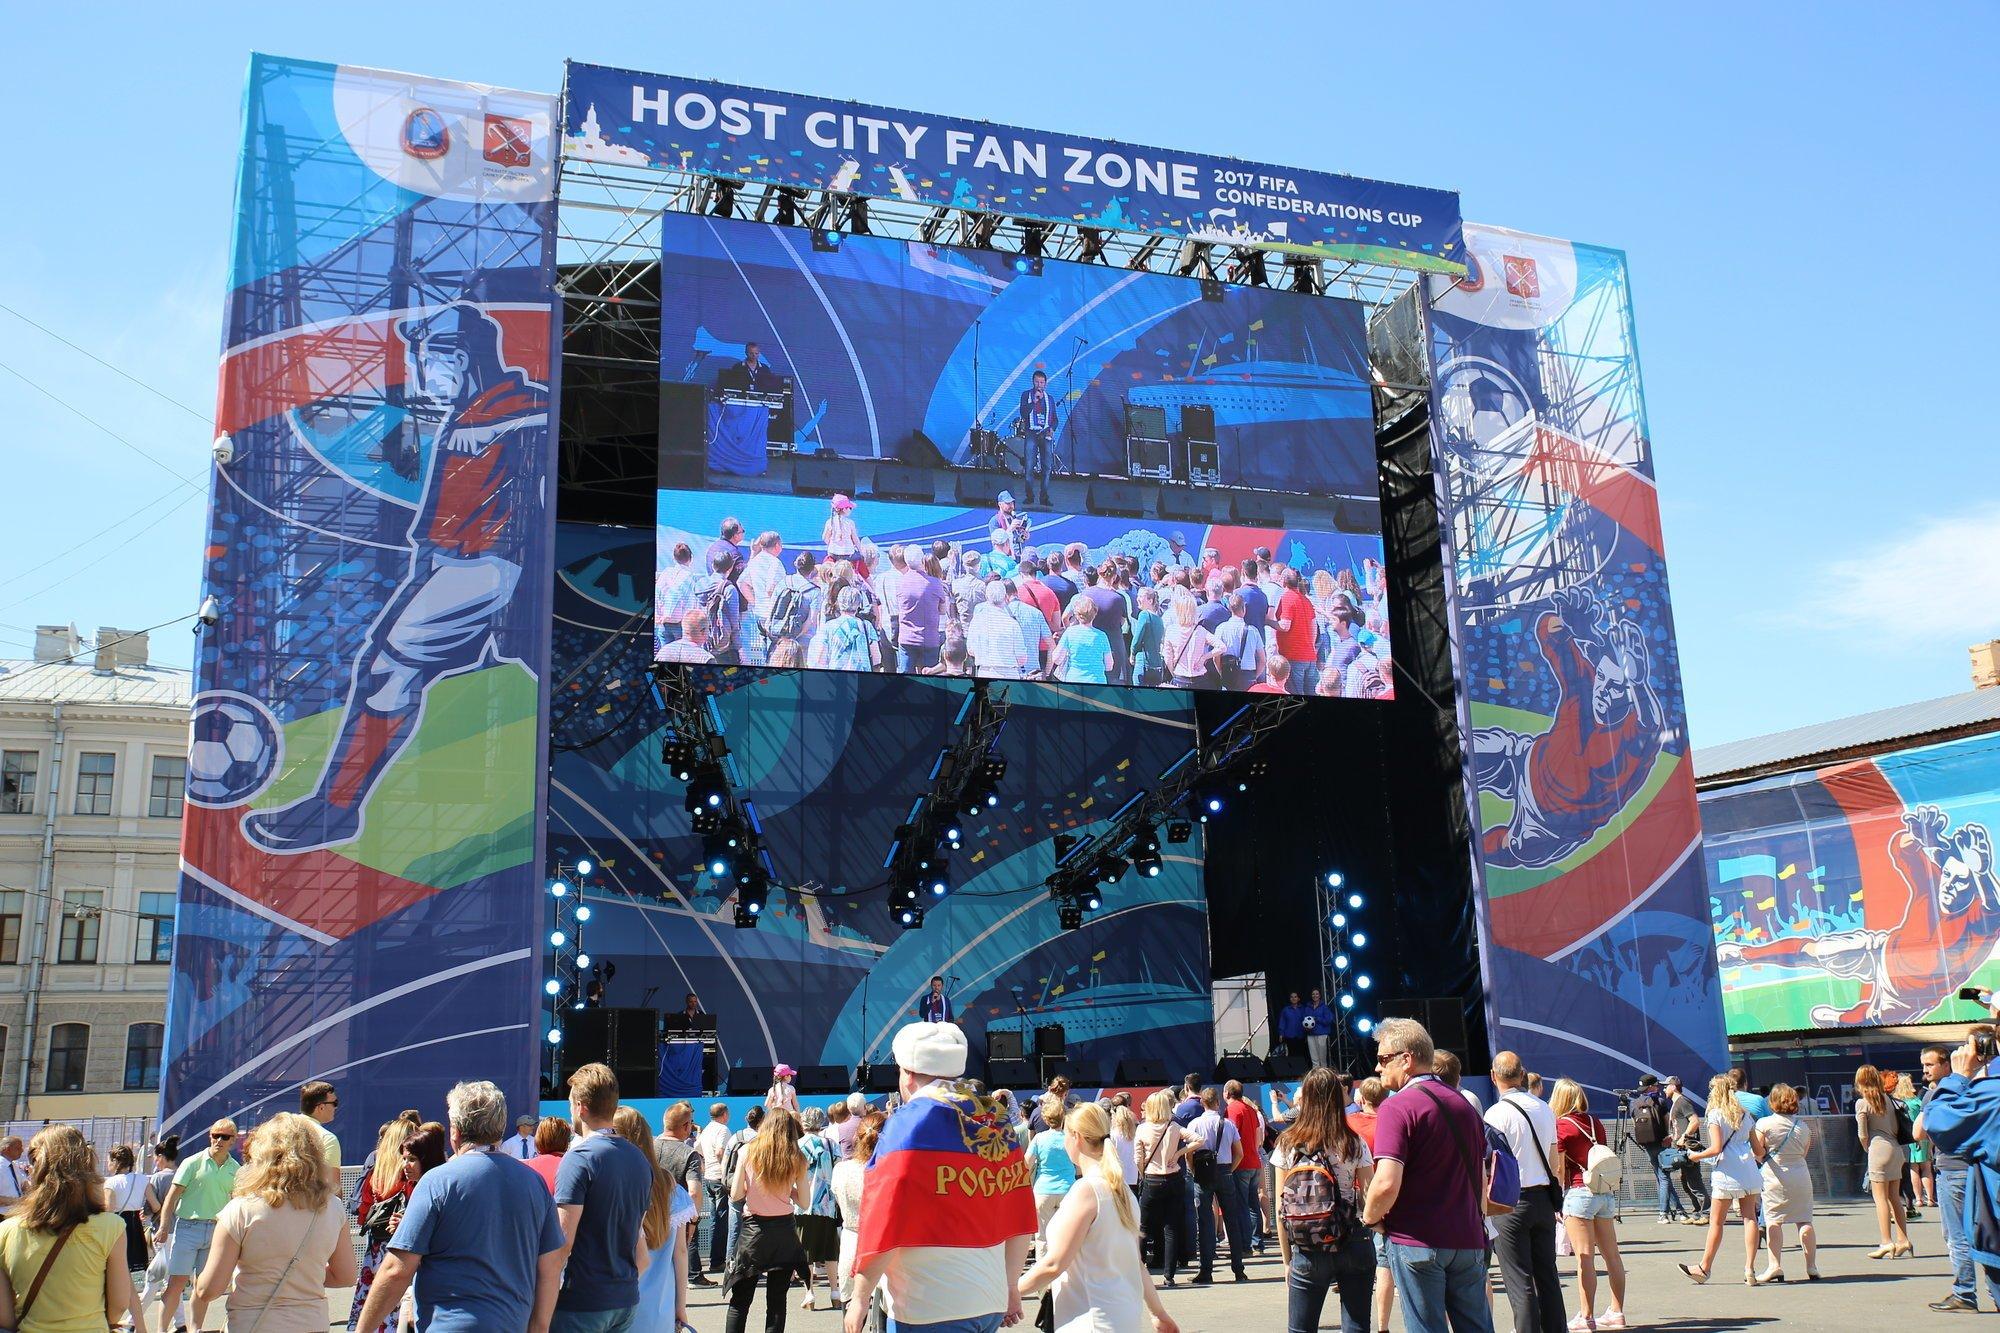 Фан-зона для гостей Кубка конфедераций в северной столице 23июня будет закрыта